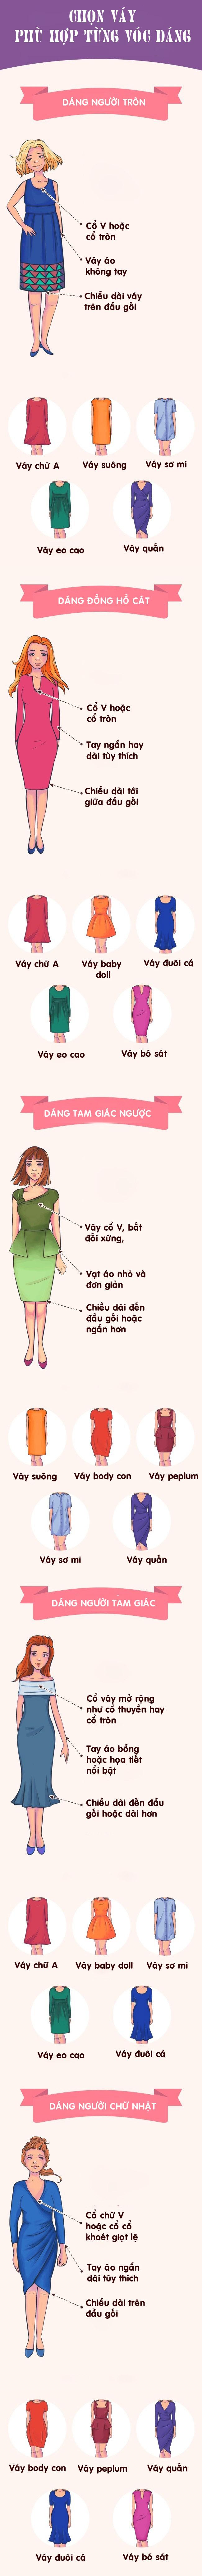 Mẹo chọn váy hợp từng dáng người, thấp - cao - béo - gầy đều có thể mặc đẹp - 1